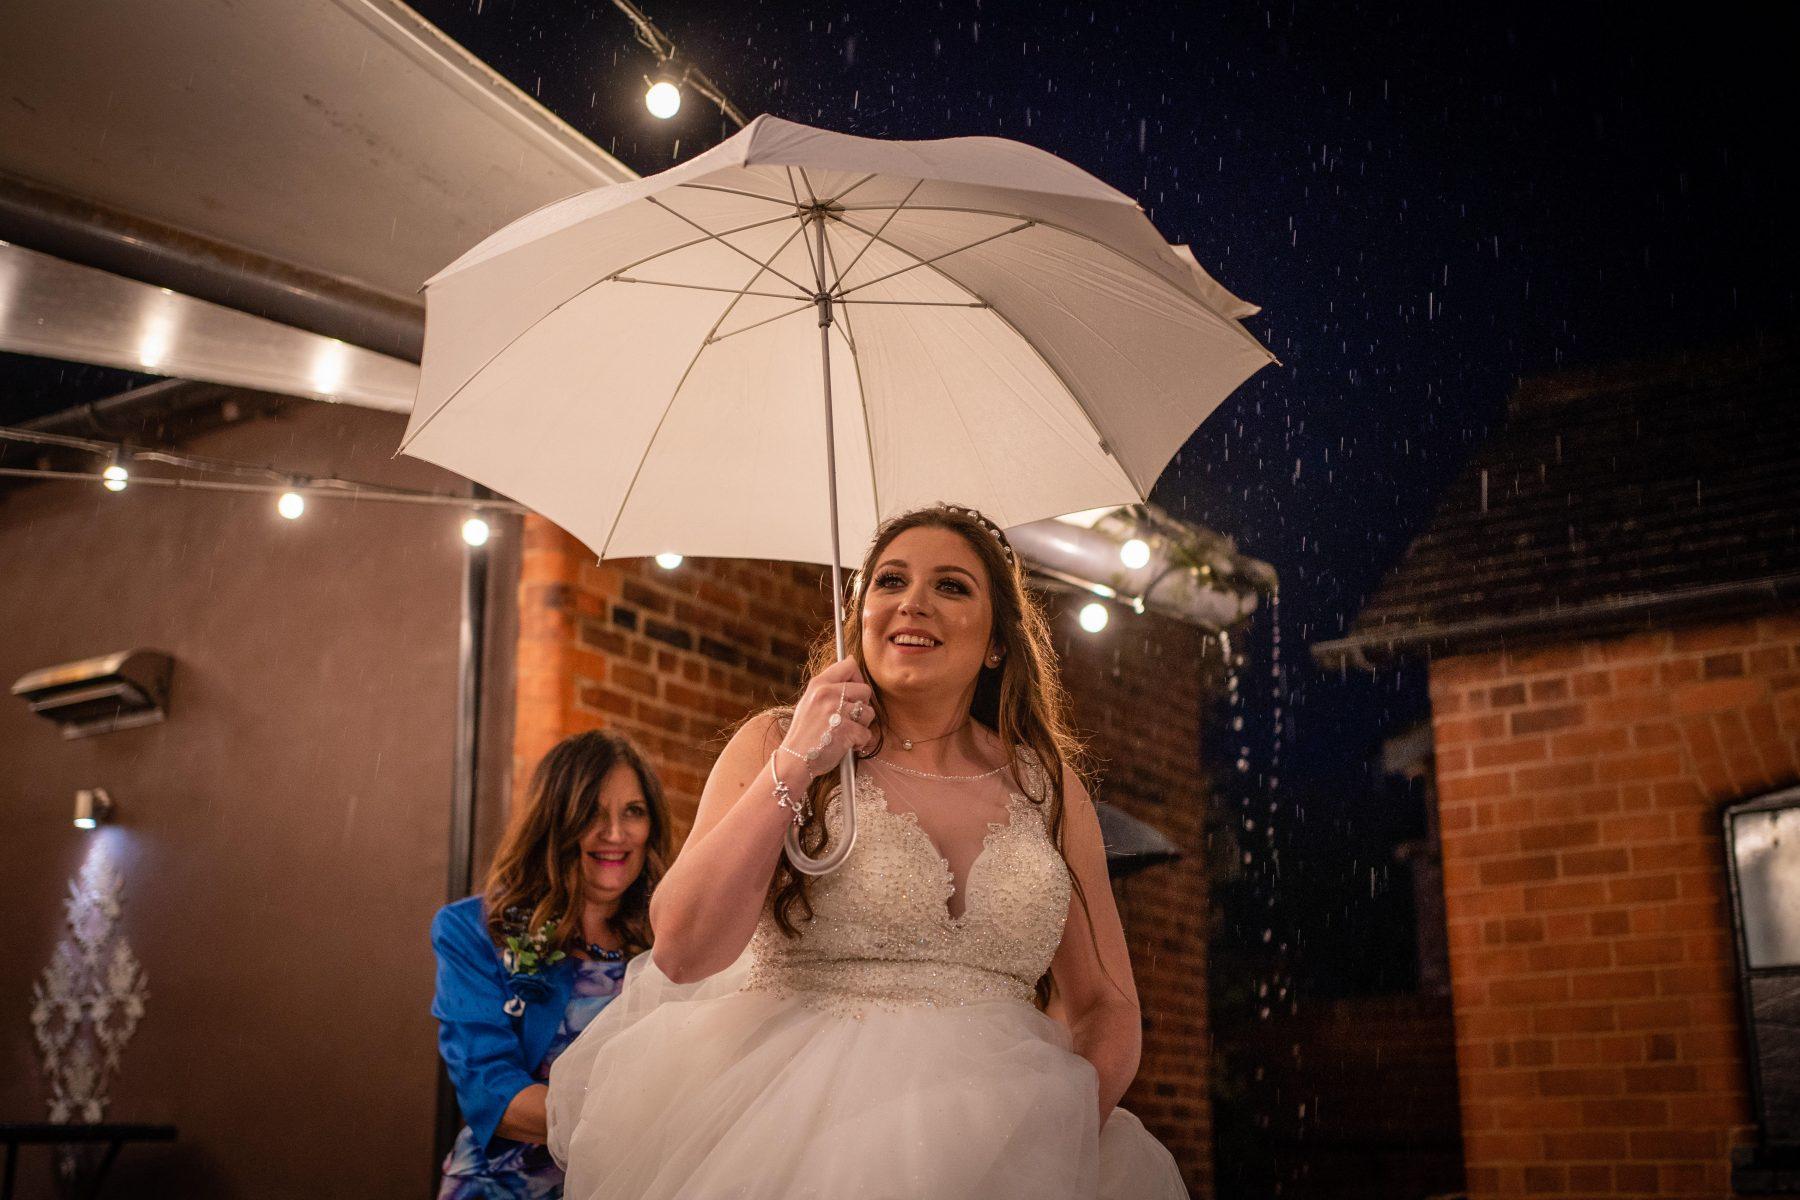 A bride walks with an umbrella